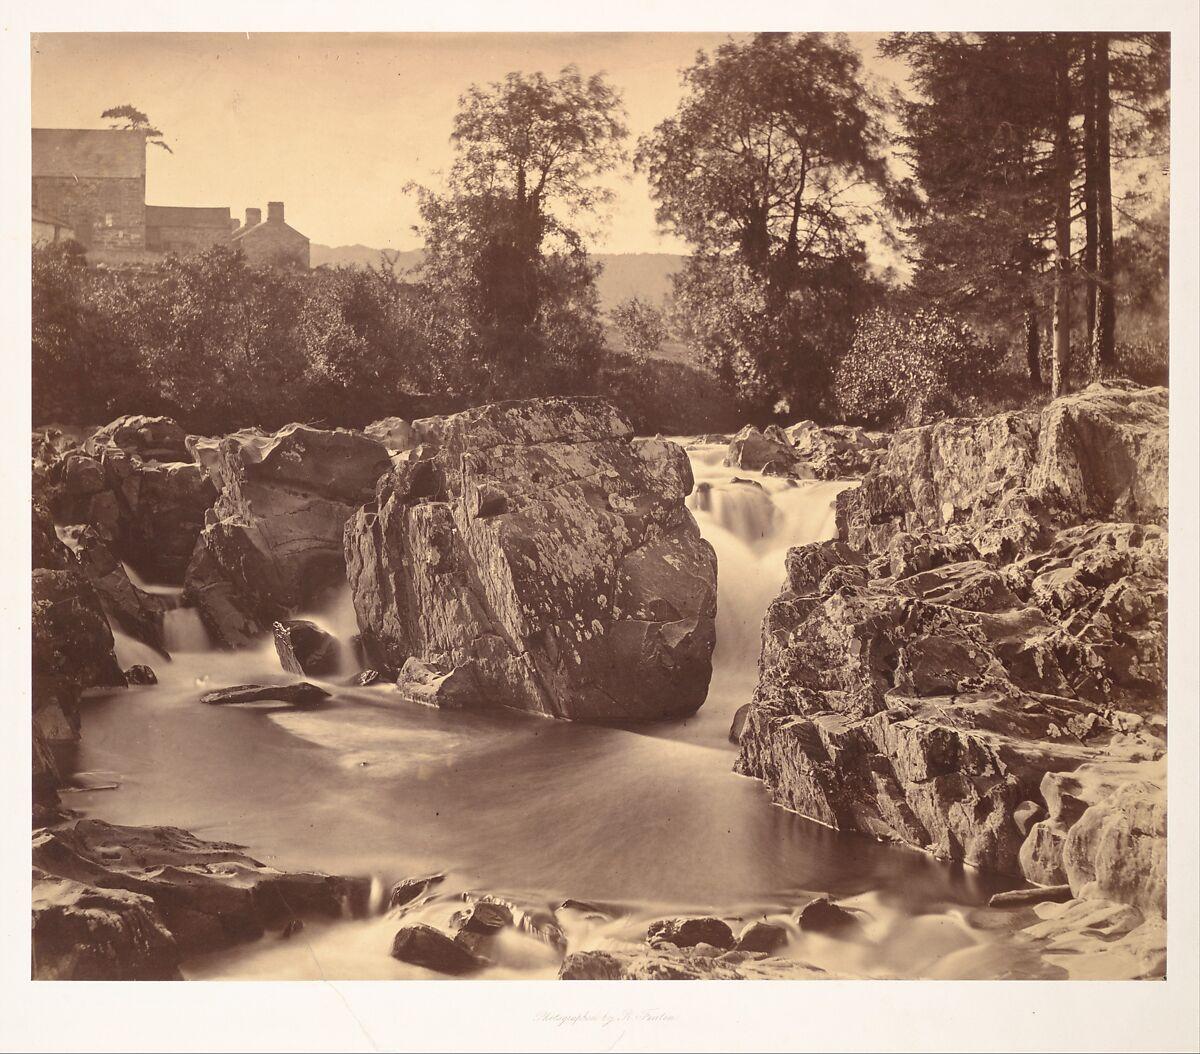 Falls of the Llugwy, at Pont-y-Pair